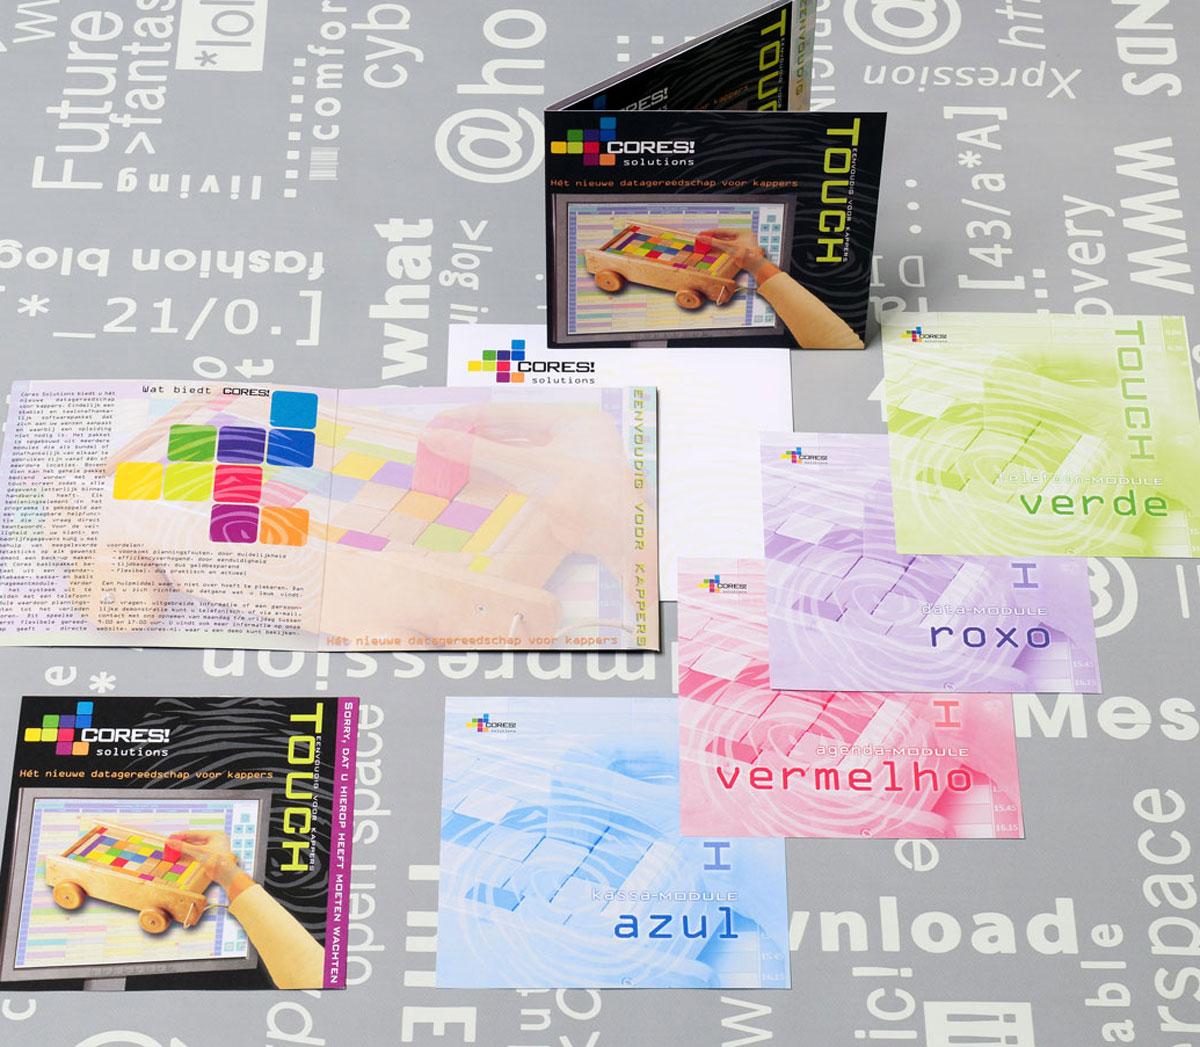 Cores, reclame, ontwerp, logo, huisstijl, grafische vormgeving, DTP, reclame-uiting, brochure.